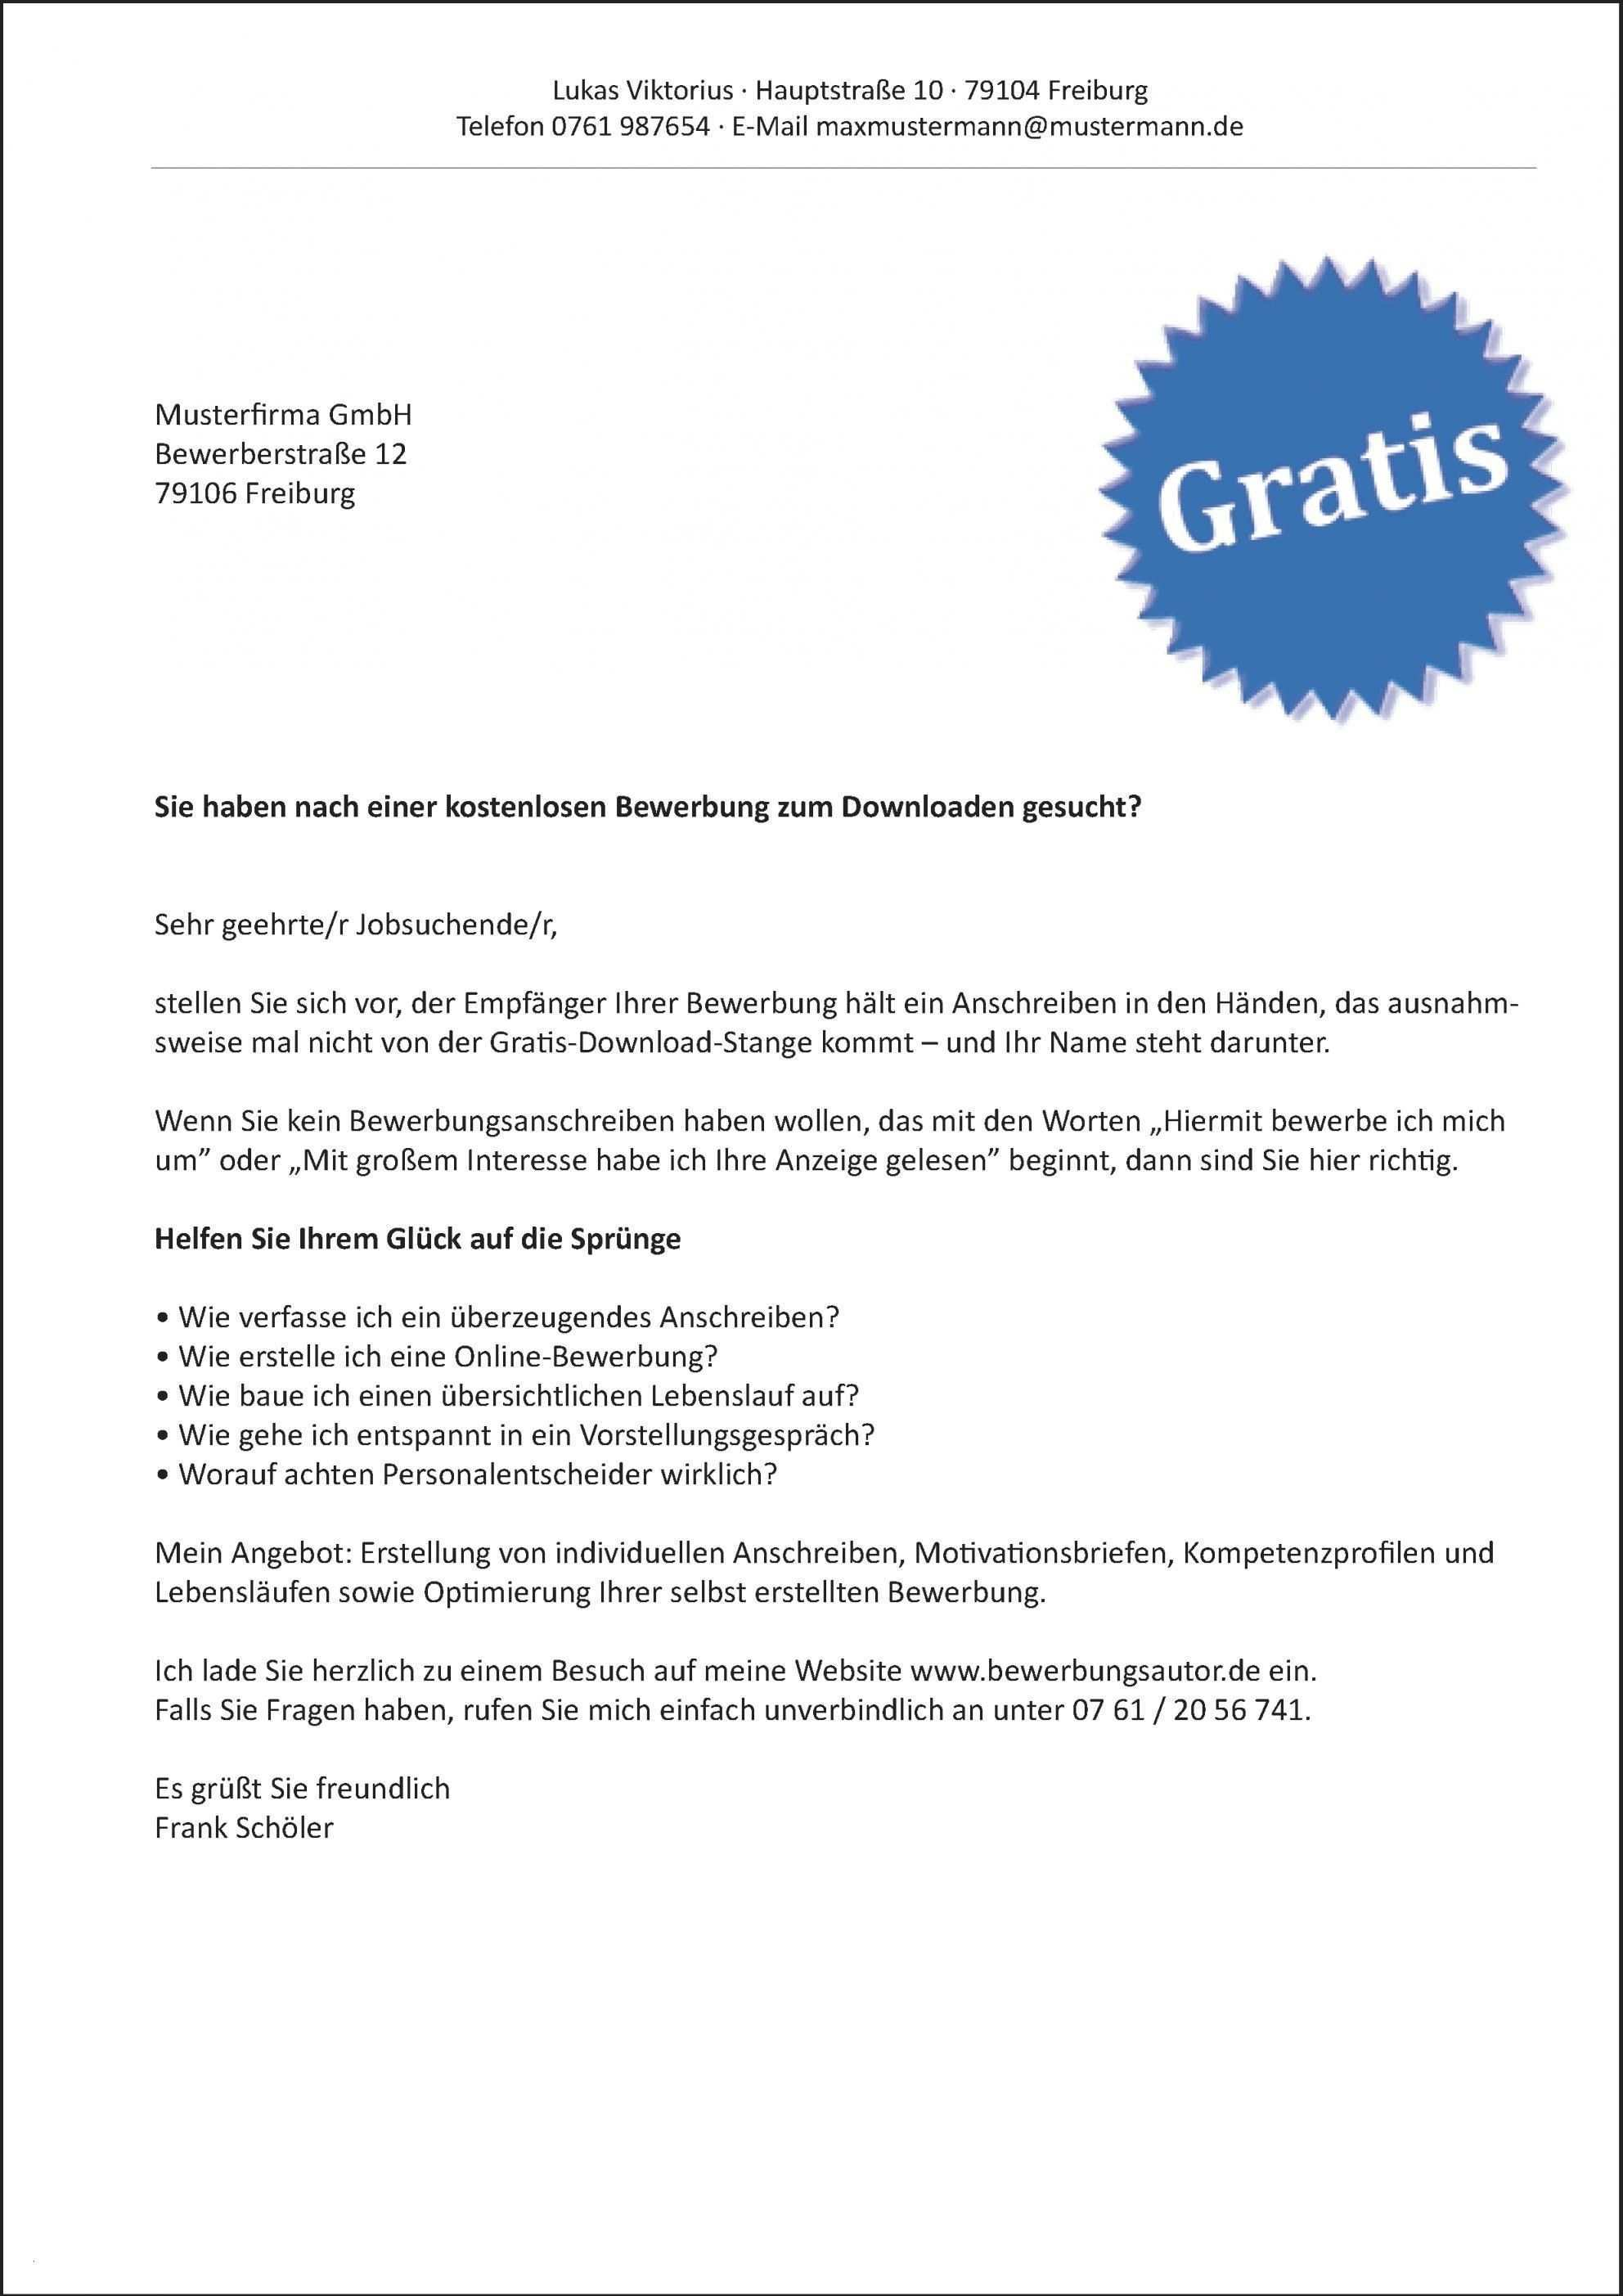 Neu Bewerbung Als Produktionshelfer Briefprobe Briefformat Briefvorlage Lebenslauf Vorlage Schuler Lebenslauf Lebenslauf Muster